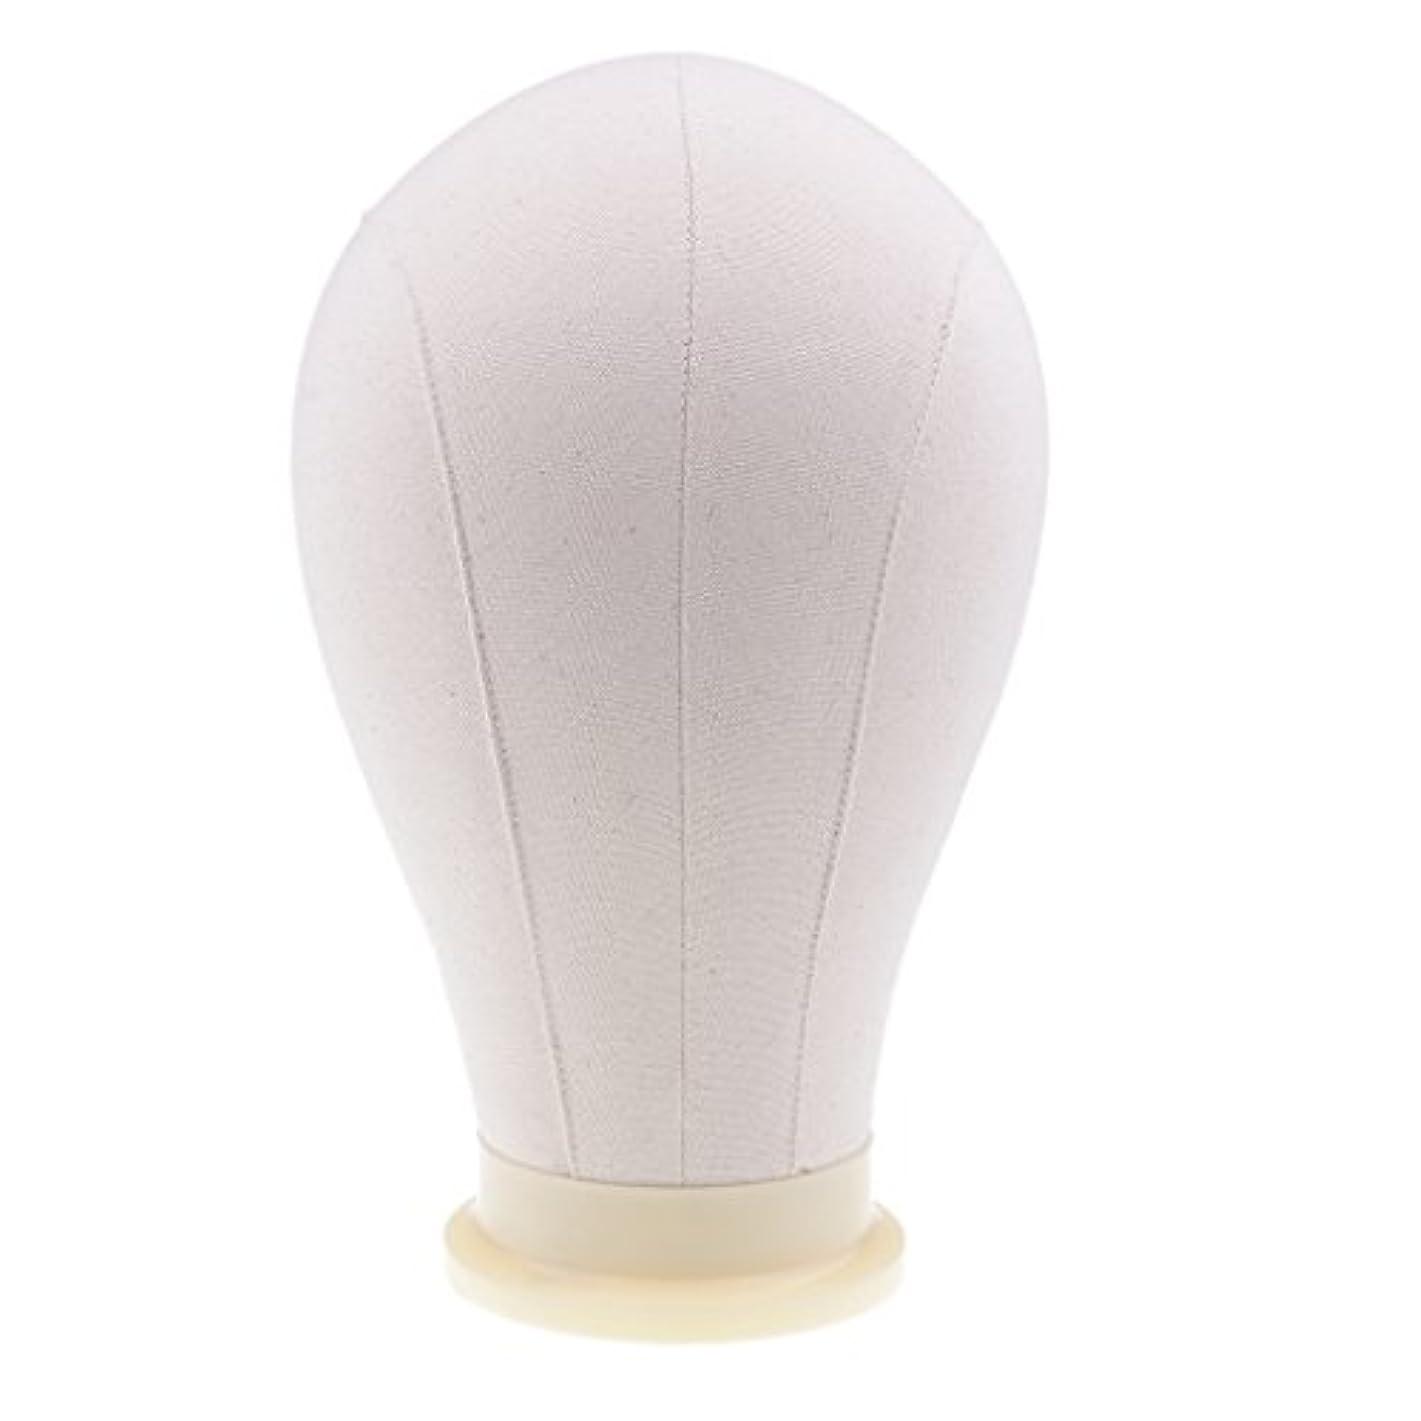 蒸留する財布ブランドSharplace マネキンヘッド ウィッグ キャンバス 頭部モデル かつら 帽子 メガネ ディスプレイ ホルダー 4サイズ - 24インチ